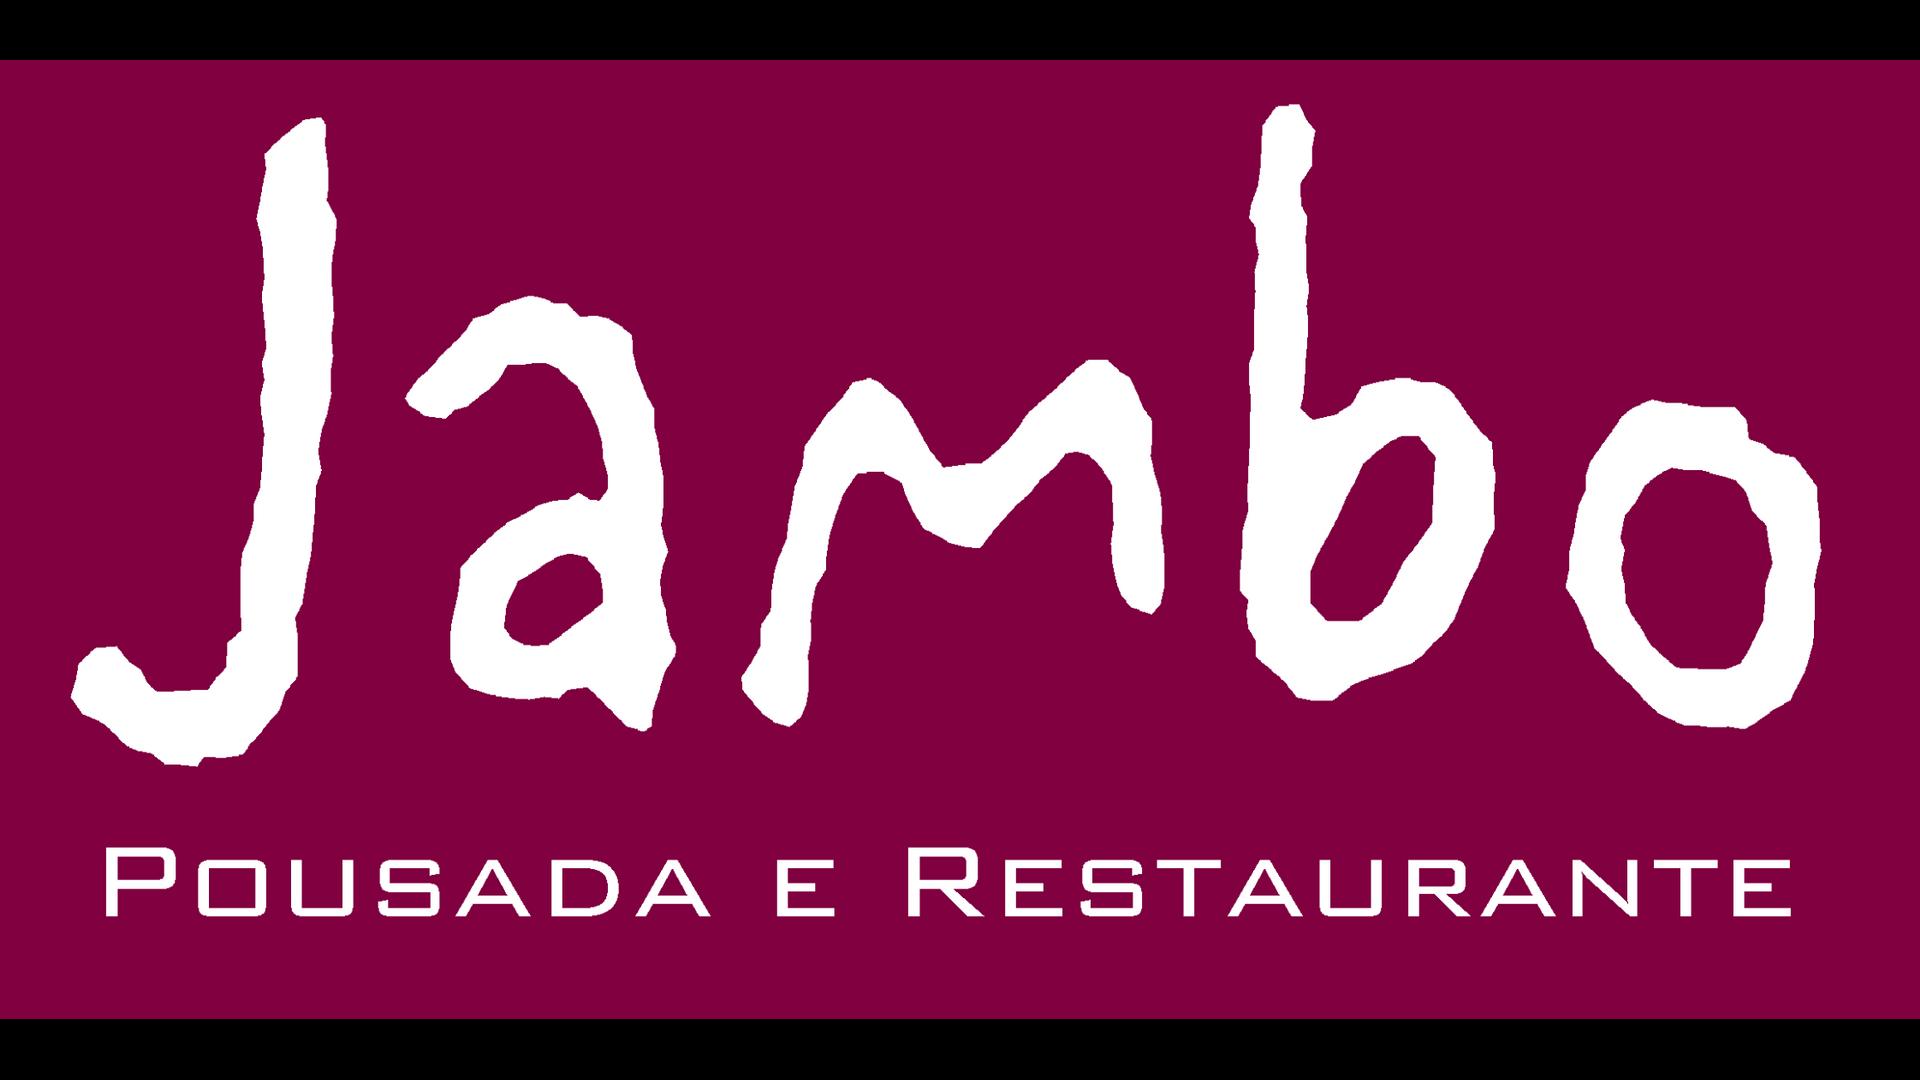 Pousada Jambo